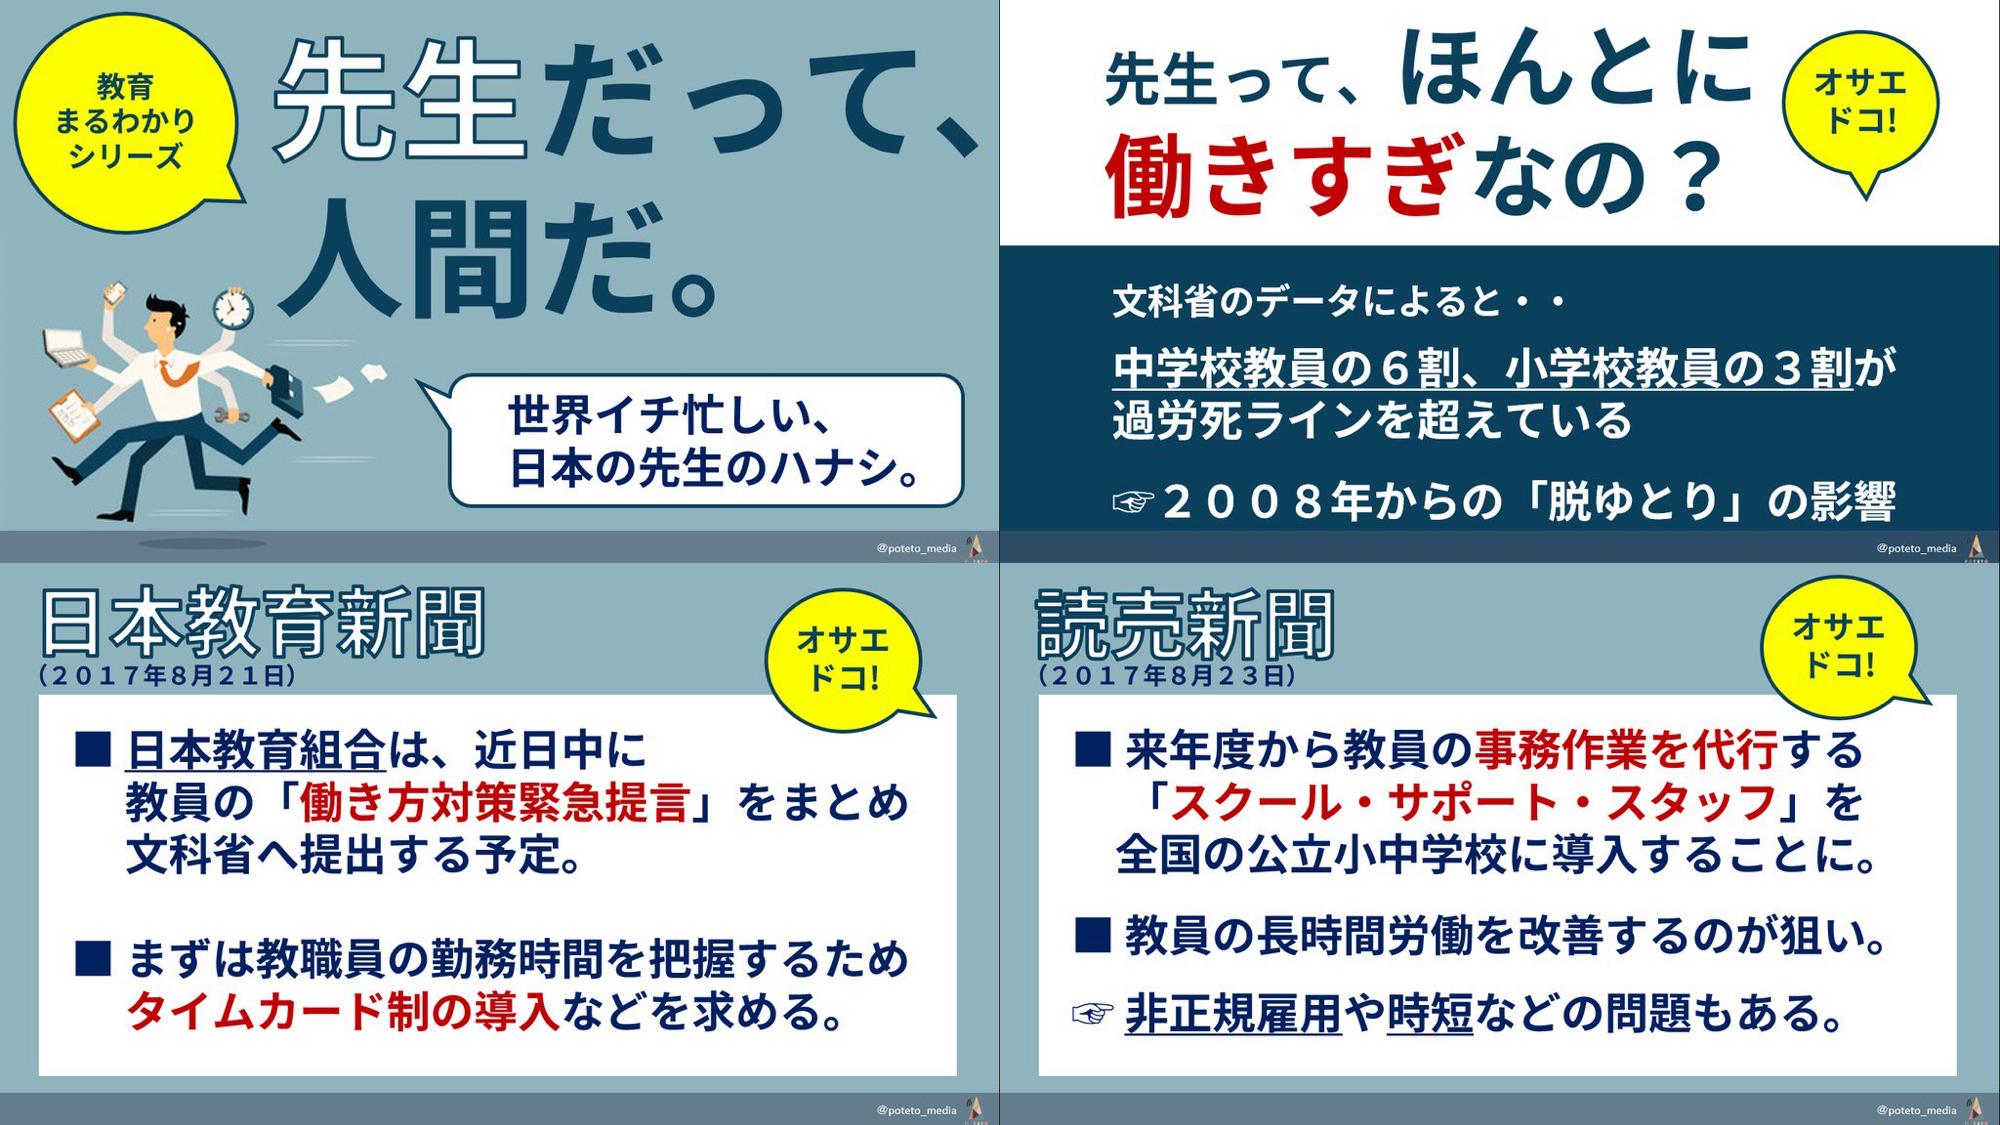 0827 1 - 2017.08.26 <p>日本教育新聞のイチメンニュース